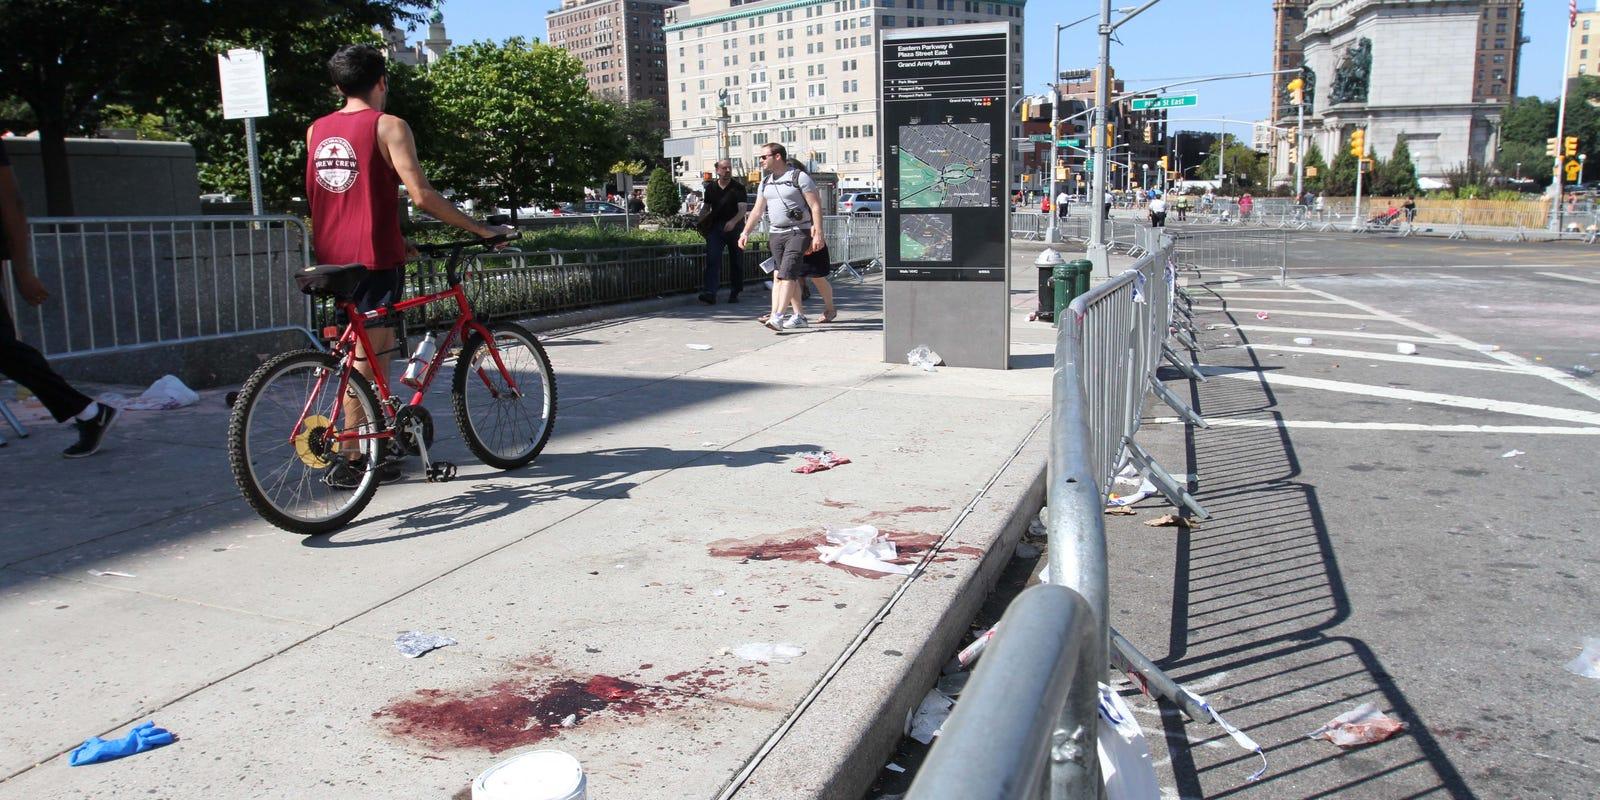 1 dead, Cuomo aide shot in NYC parade violence